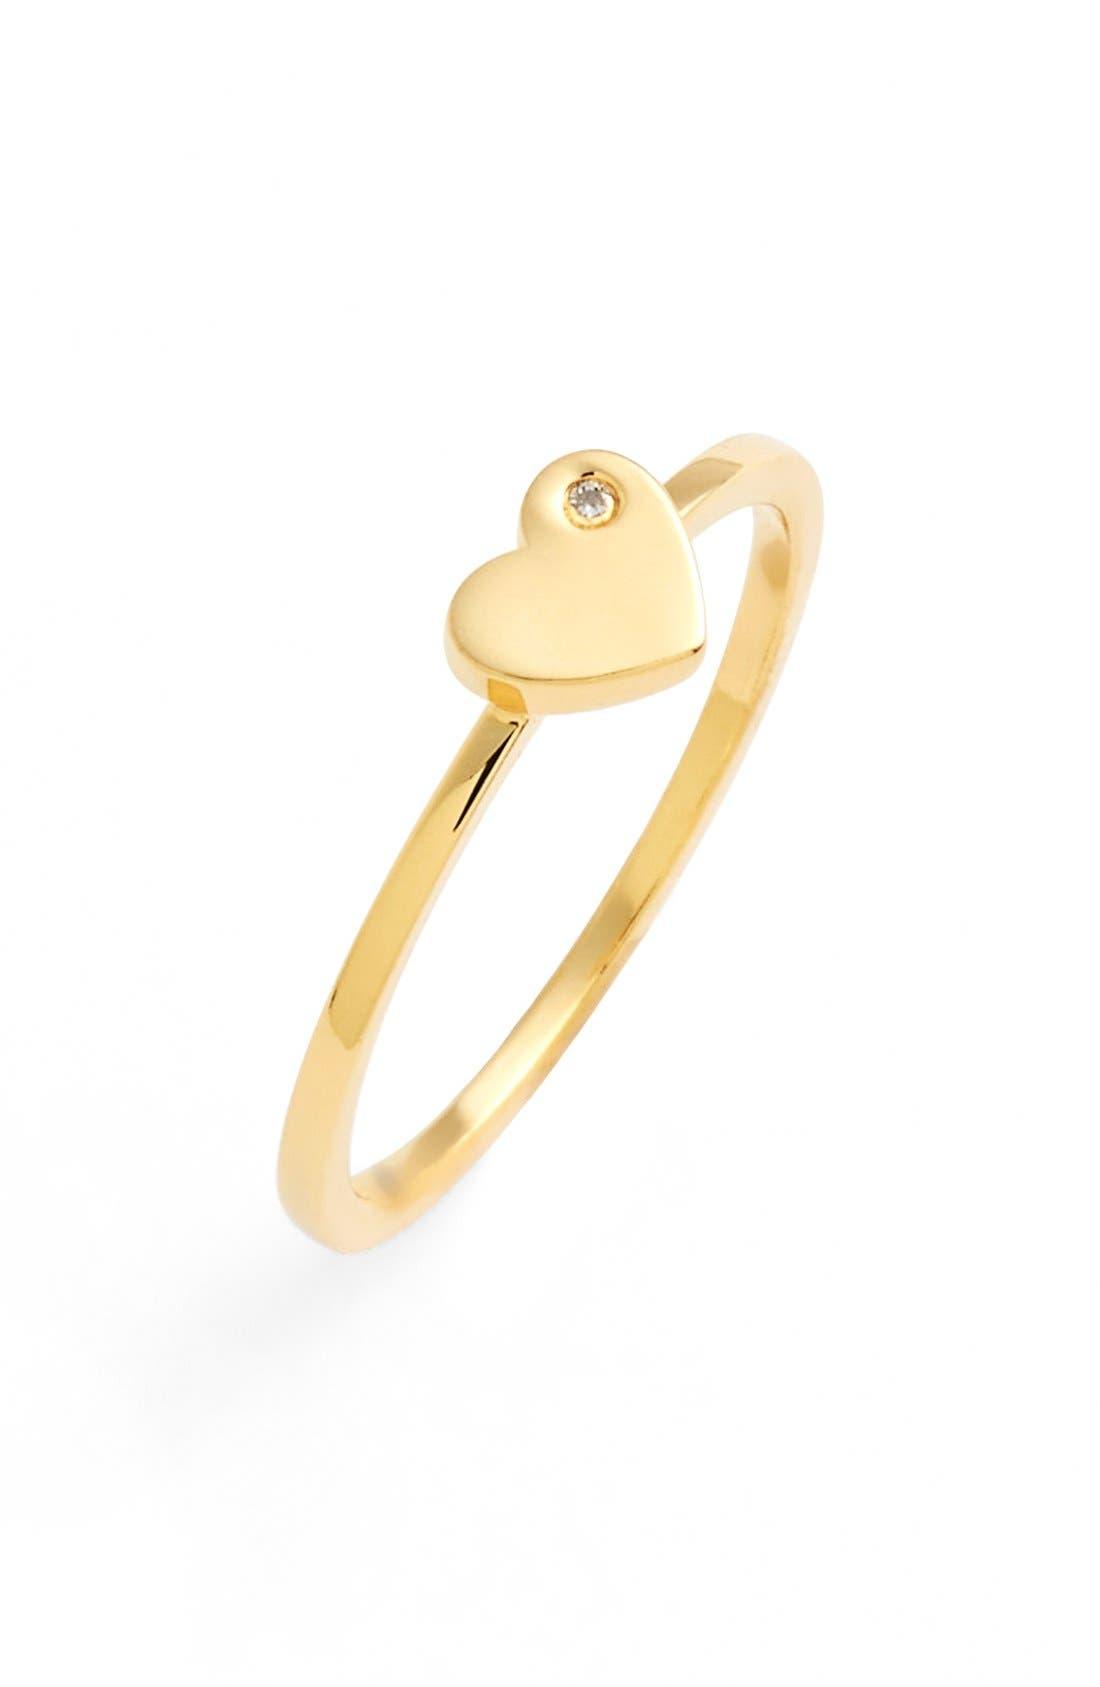 Main Image - Shy by SE Diamond Heart Midi Ring